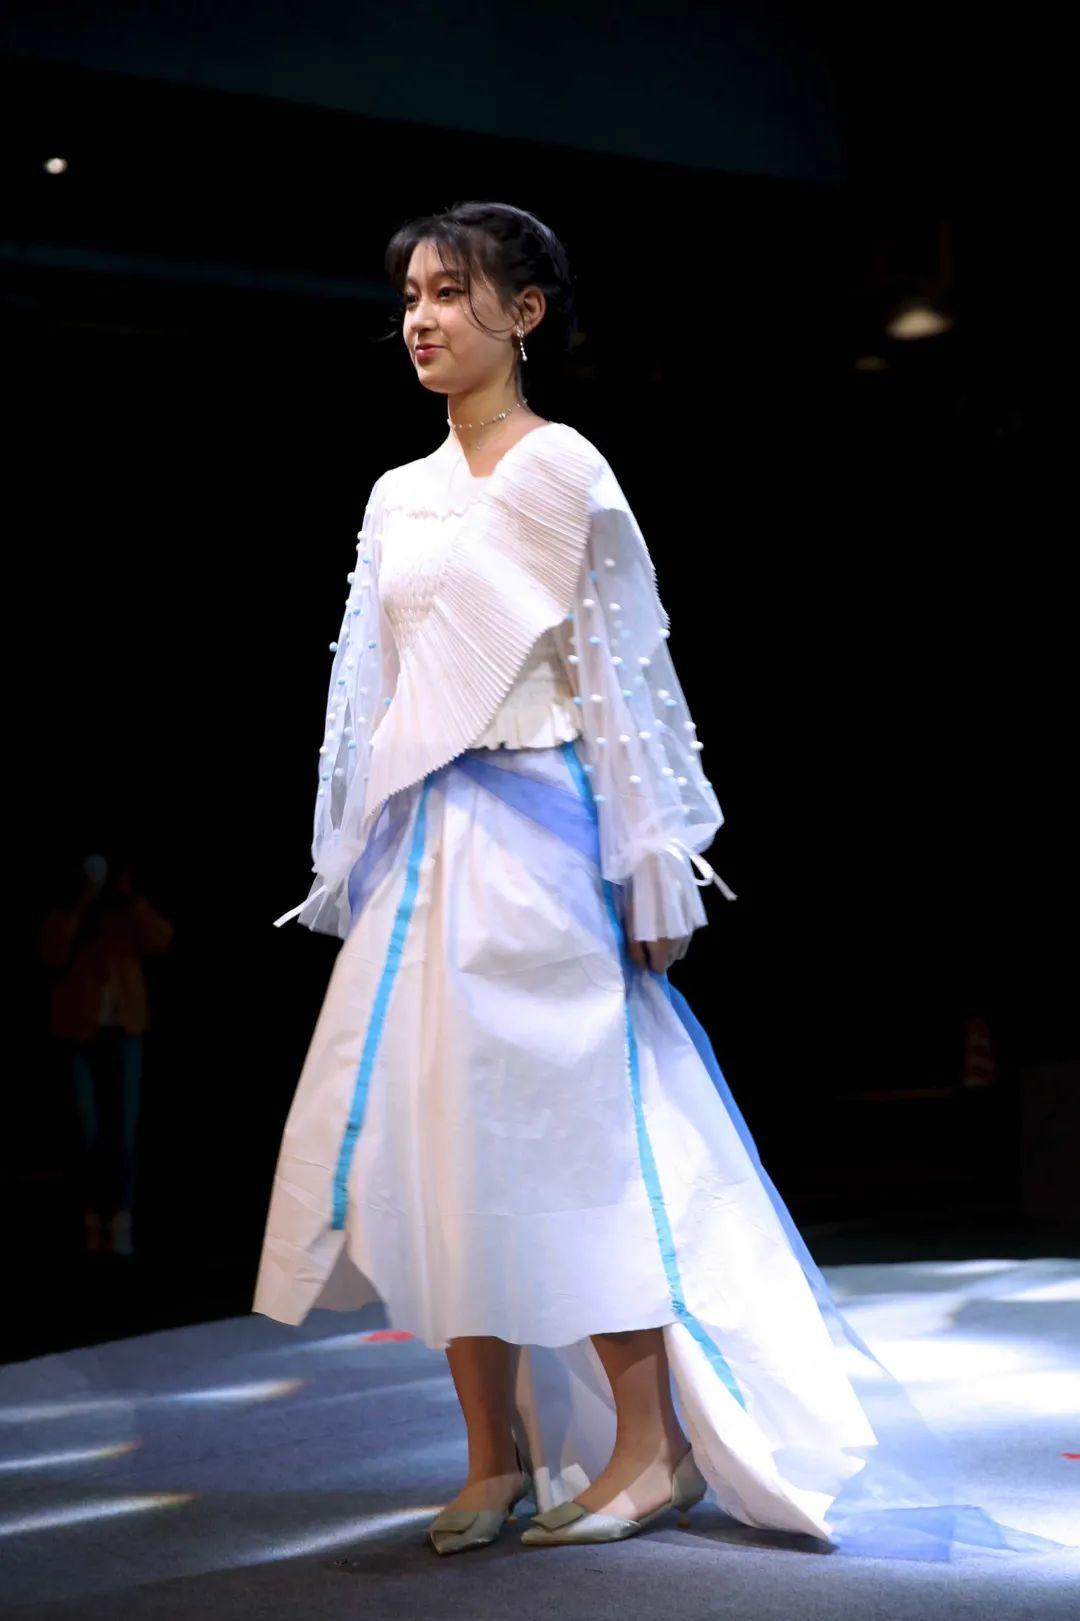 深国交2021 Fashion Show - 校园活动 疫情之下的时尚  深国交 深圳国际交流学院 第28张